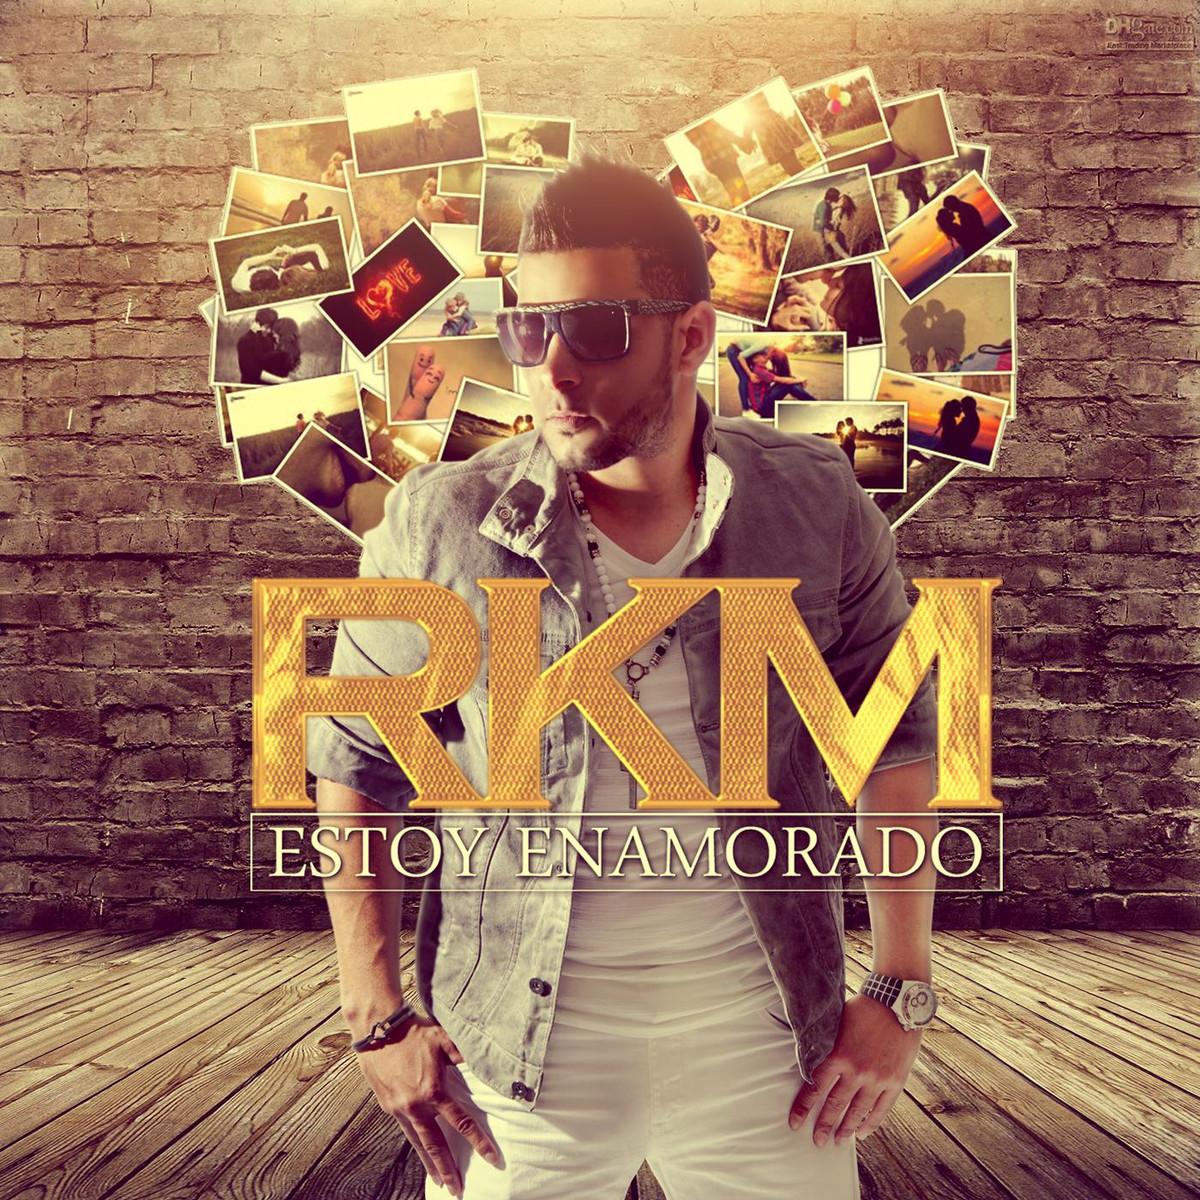 RKM - Estoy Enamorado